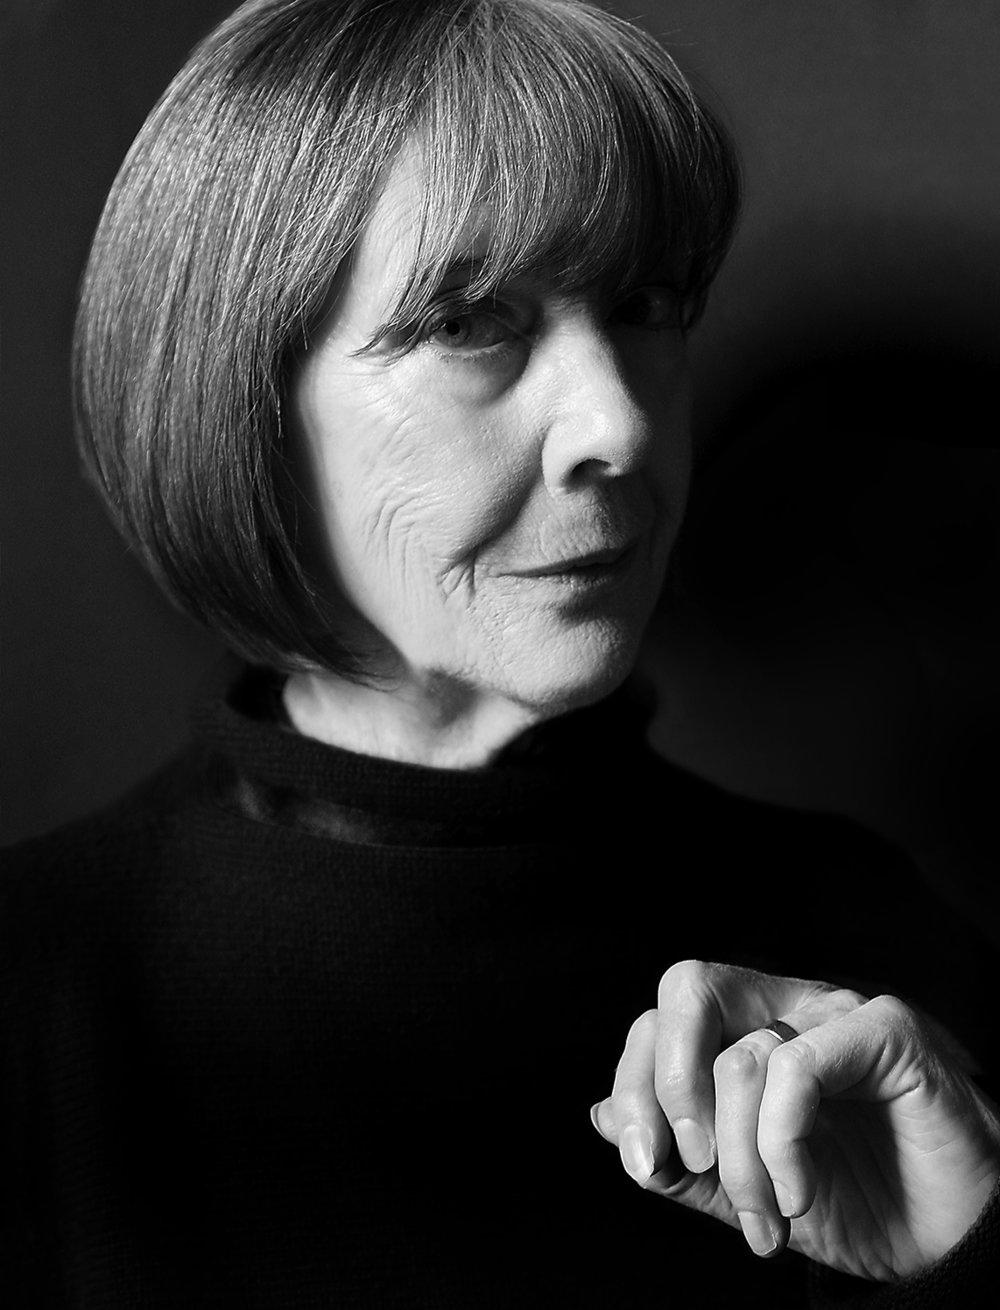 Portrait by David Newton